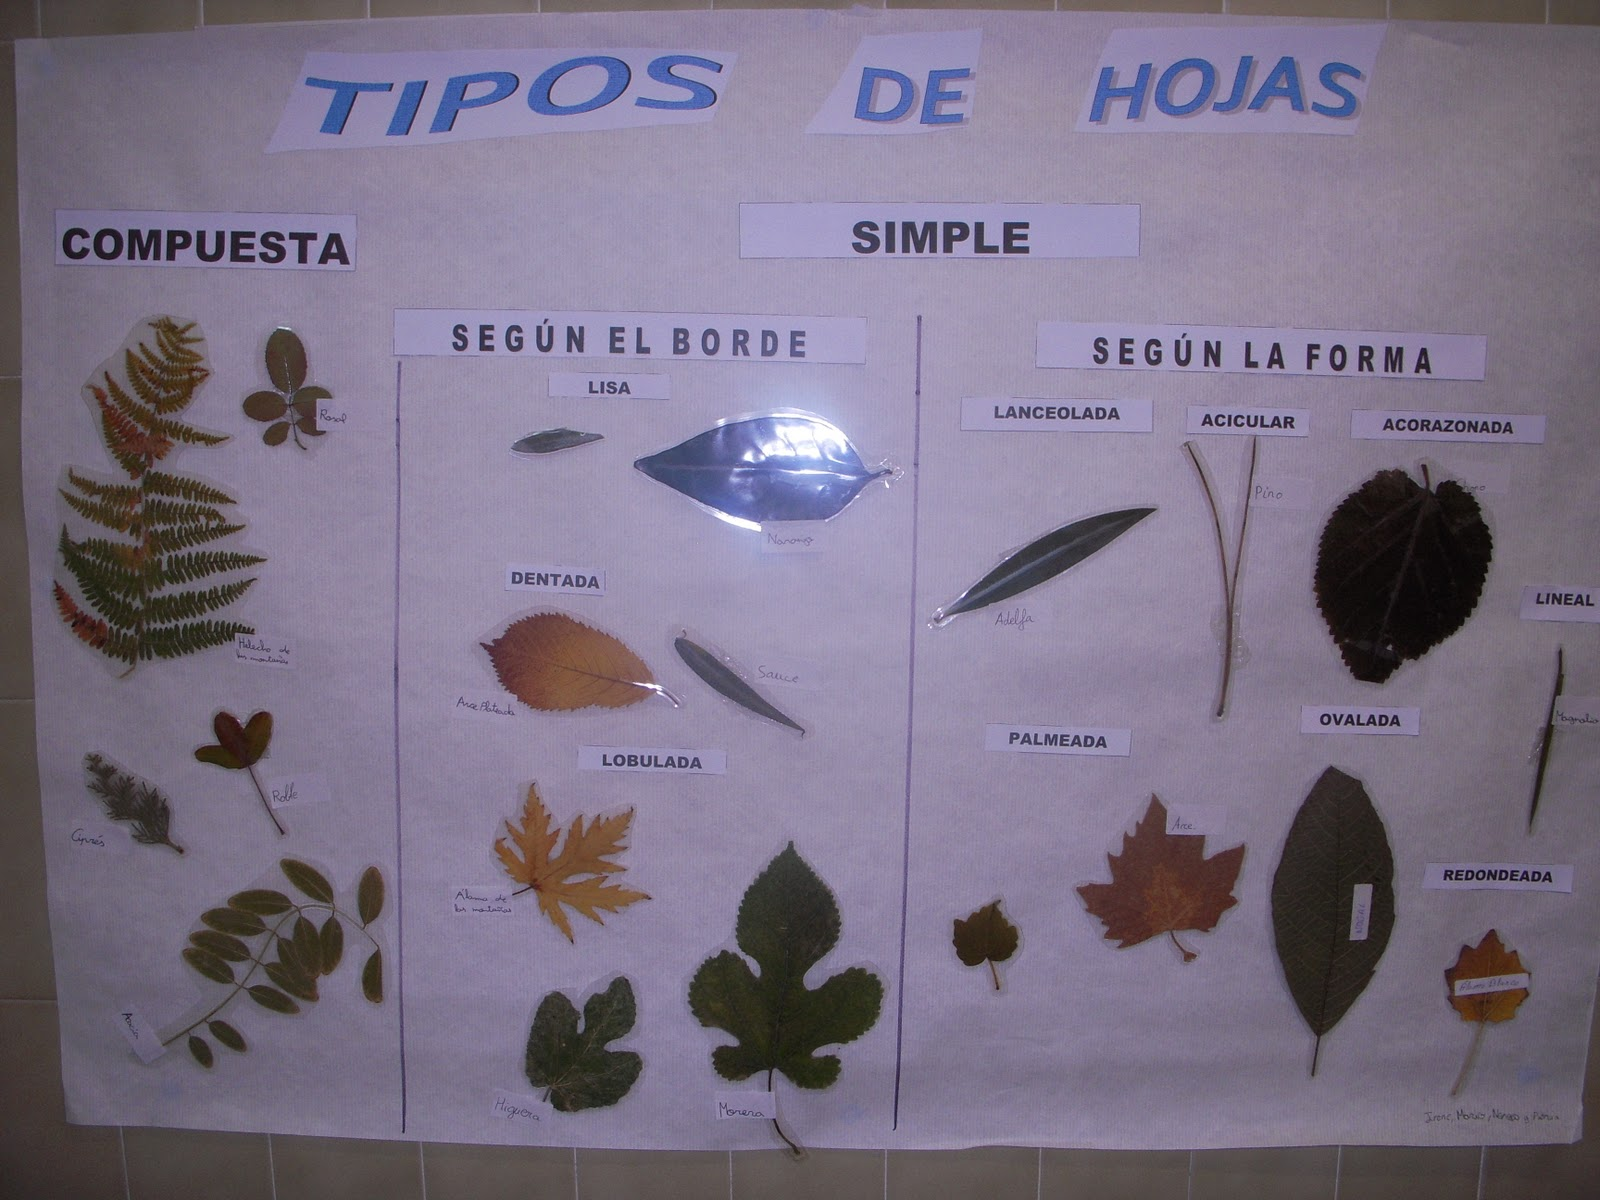 Adc hispanidad las hojas for Tipos de arboles y sus caracteristicas